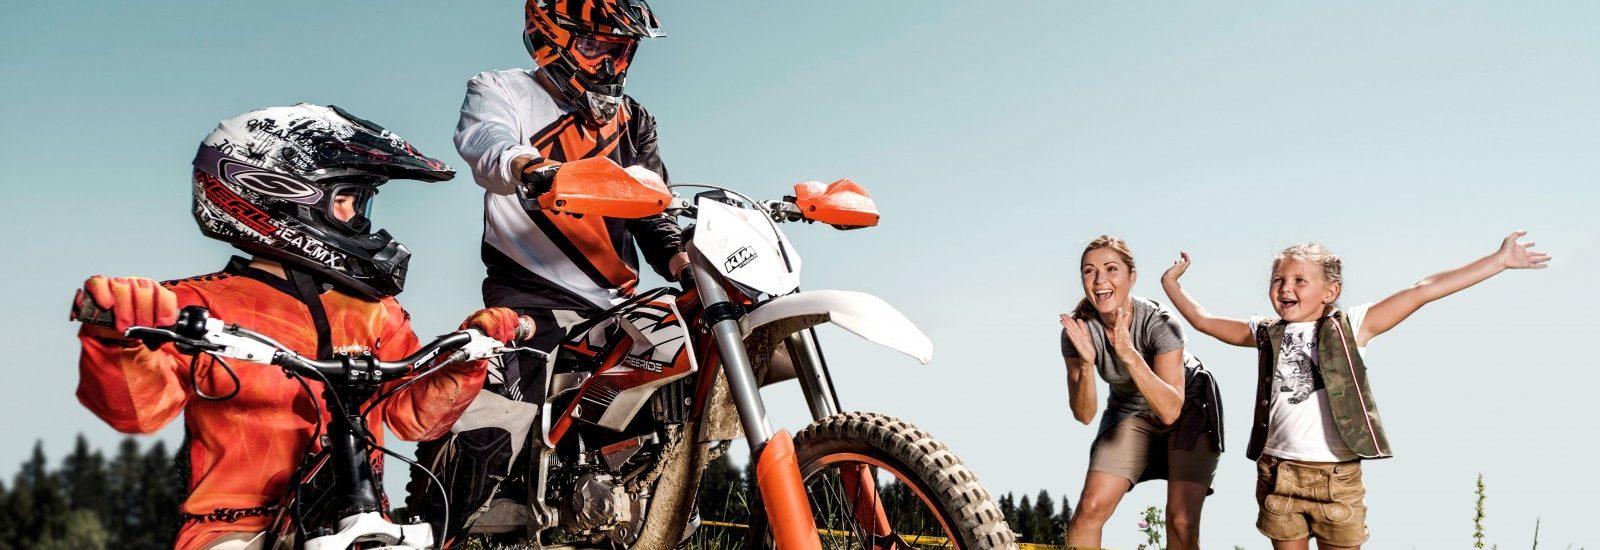 E-Motocross Park Zell am See Schmitten mit KTM E-Motocross Bikes